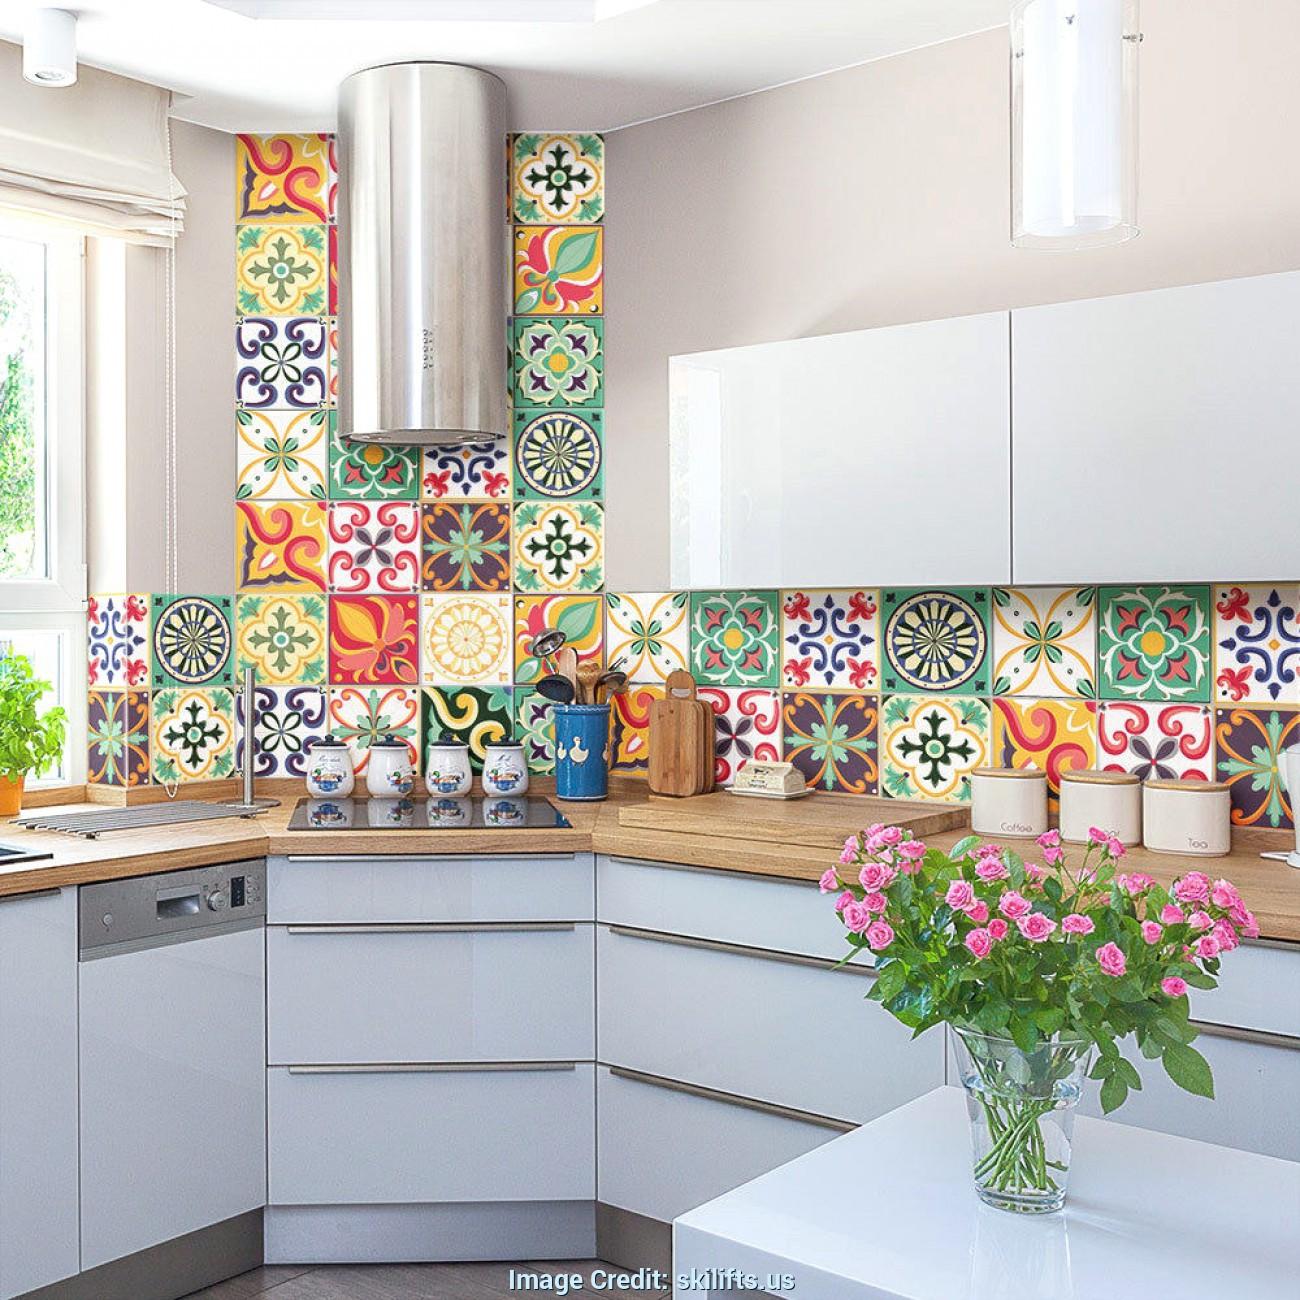 Bellissimo piastrelle in pvc adesive per cucina 9943 habitante - Piastrelle cucina economiche ...